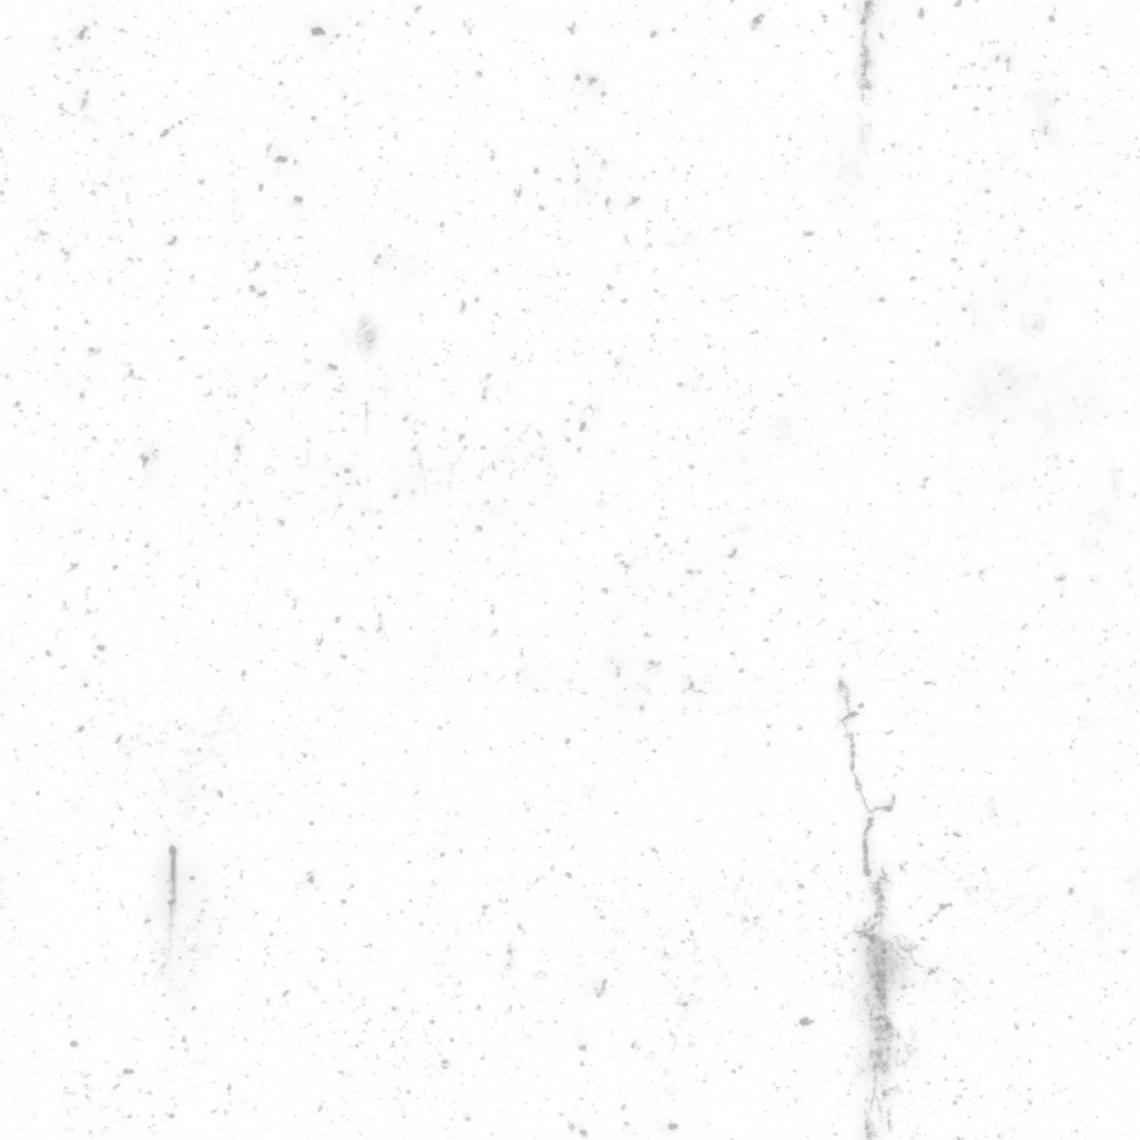 Plain-Concrete-04-Ambient-Occlusion